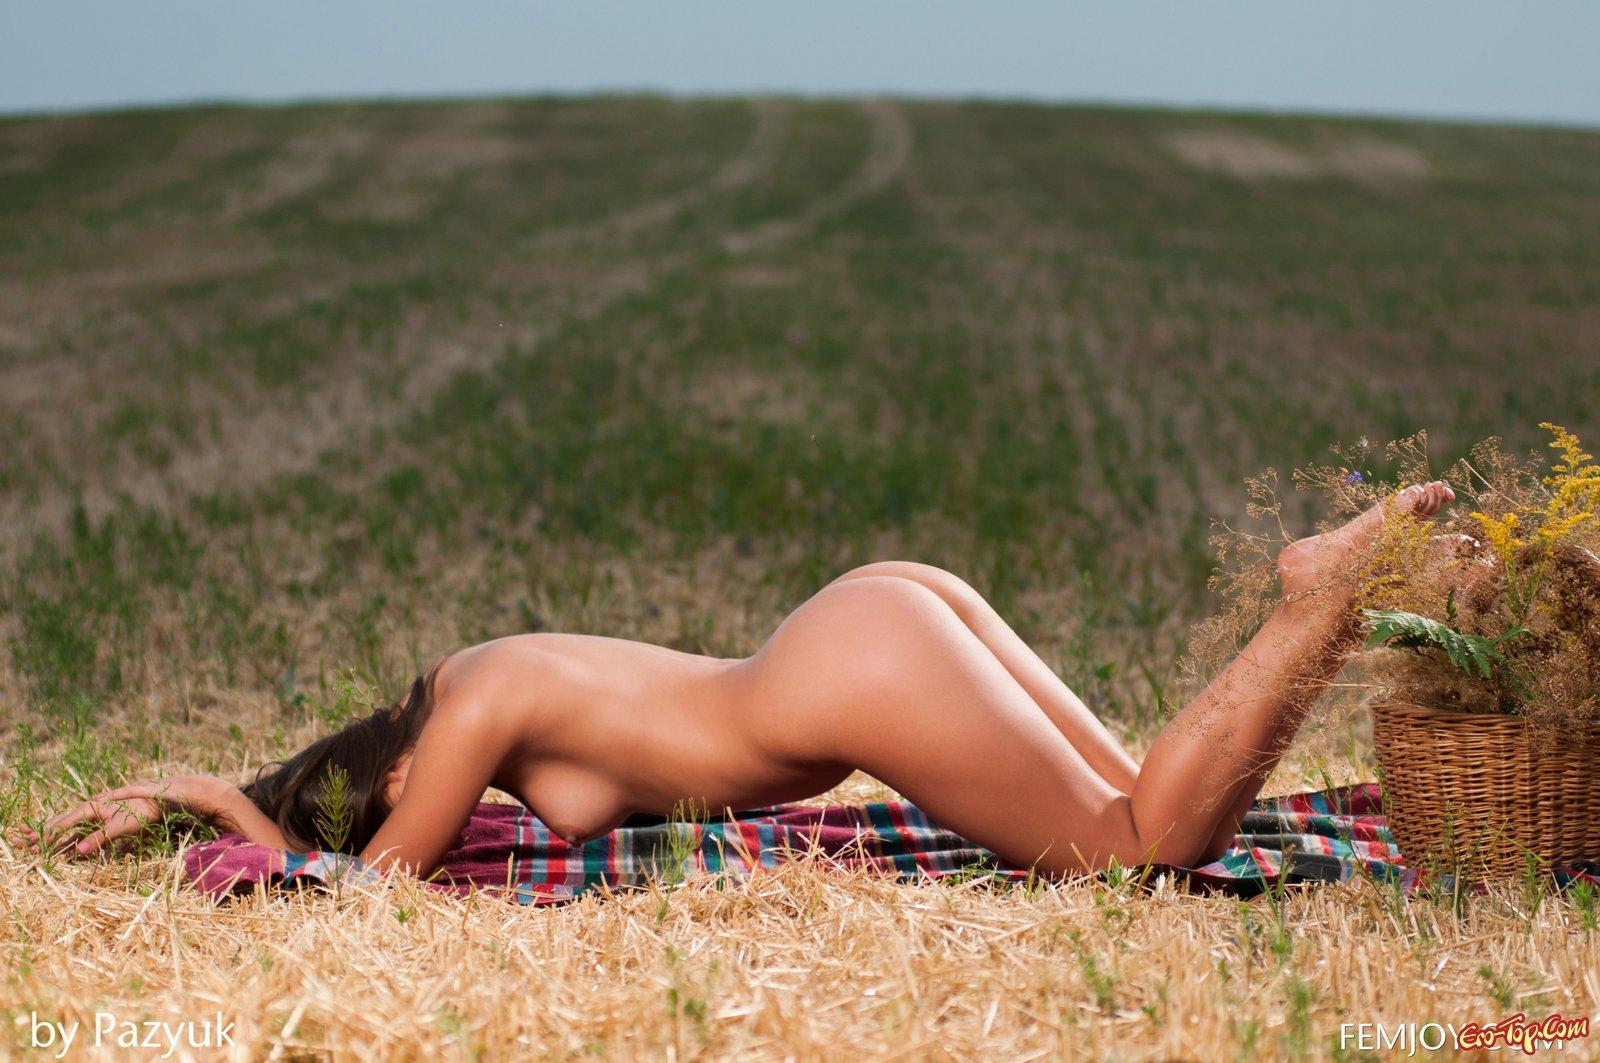 Загорелая мадам стаскивает нижнее белье до гола в поле